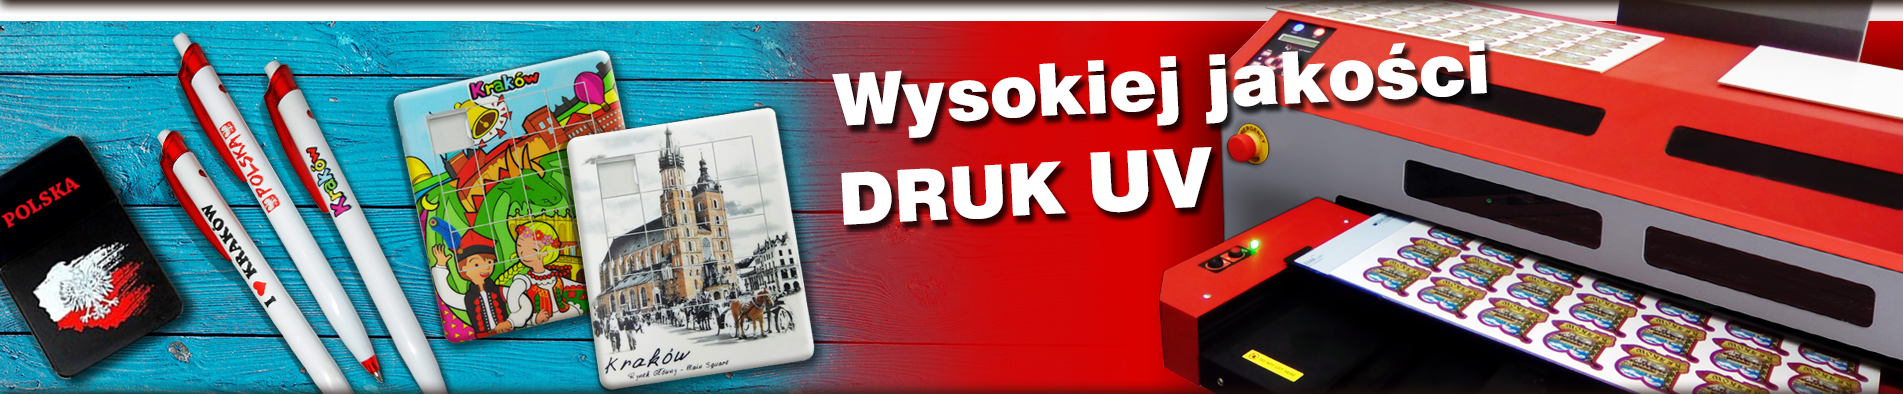 wertus hurtownia pamiatek krakow polska souvenirs from poland